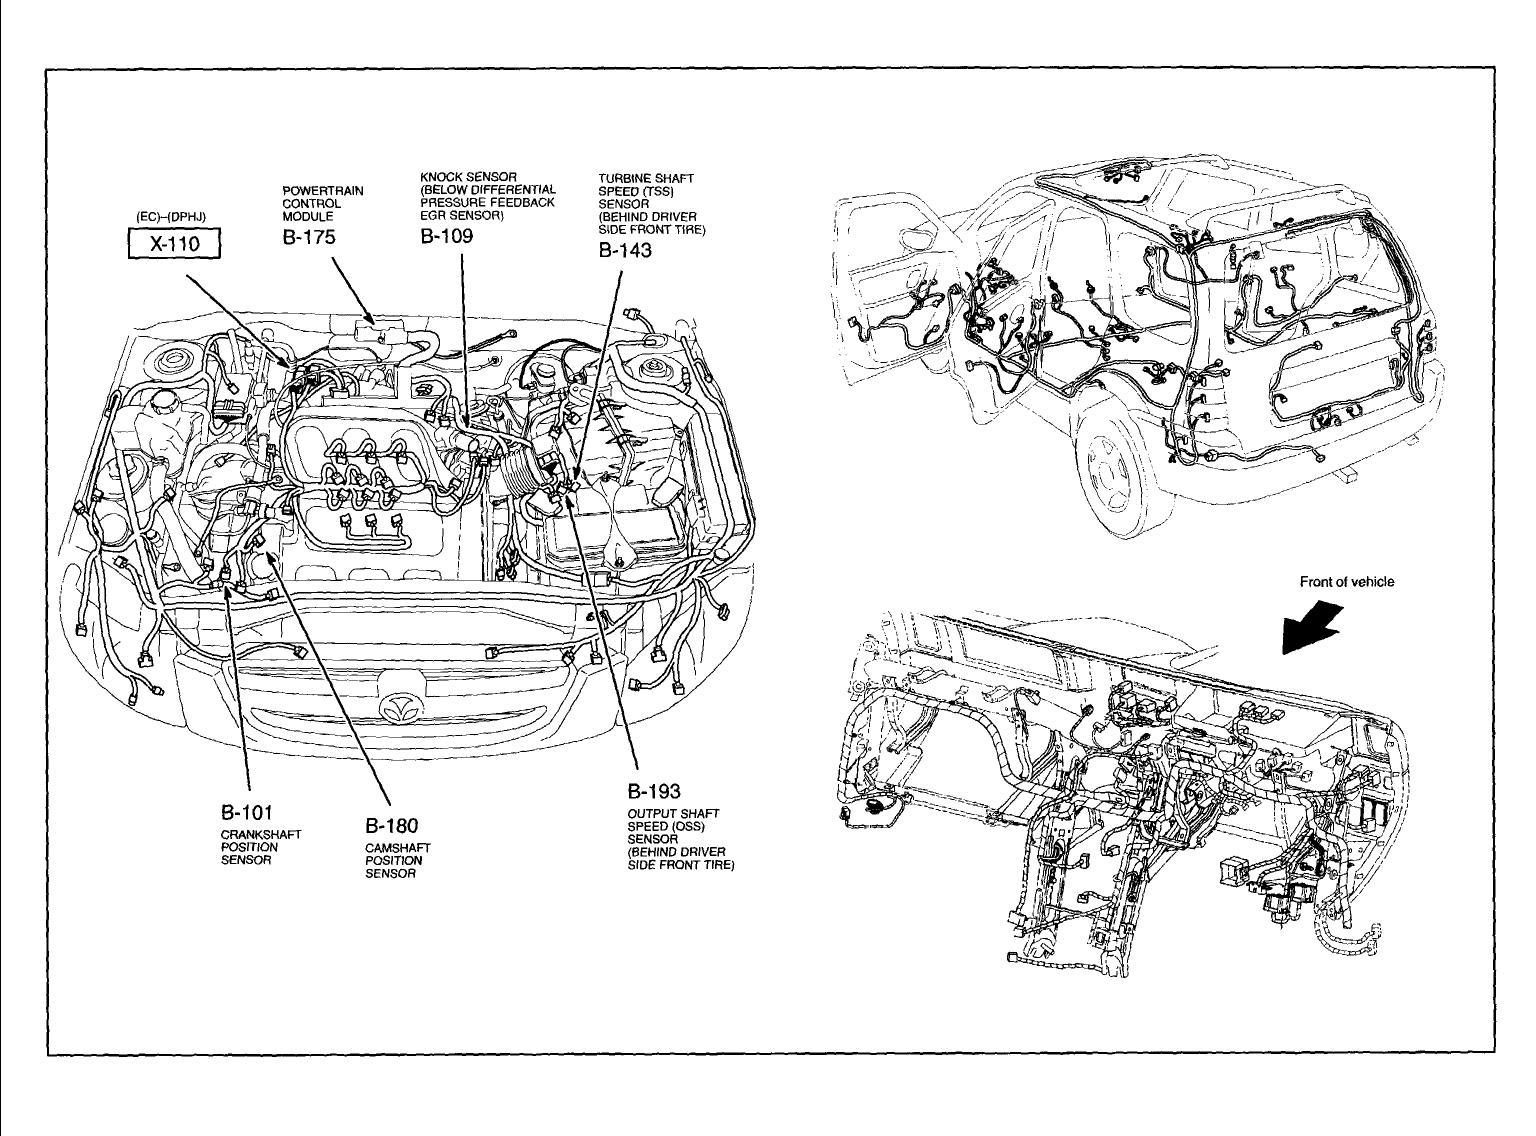 Mazda Mx-3 Questions - Whear Is The Crankshaft Sencer Locatiom On A Mazda 1 6 Engine